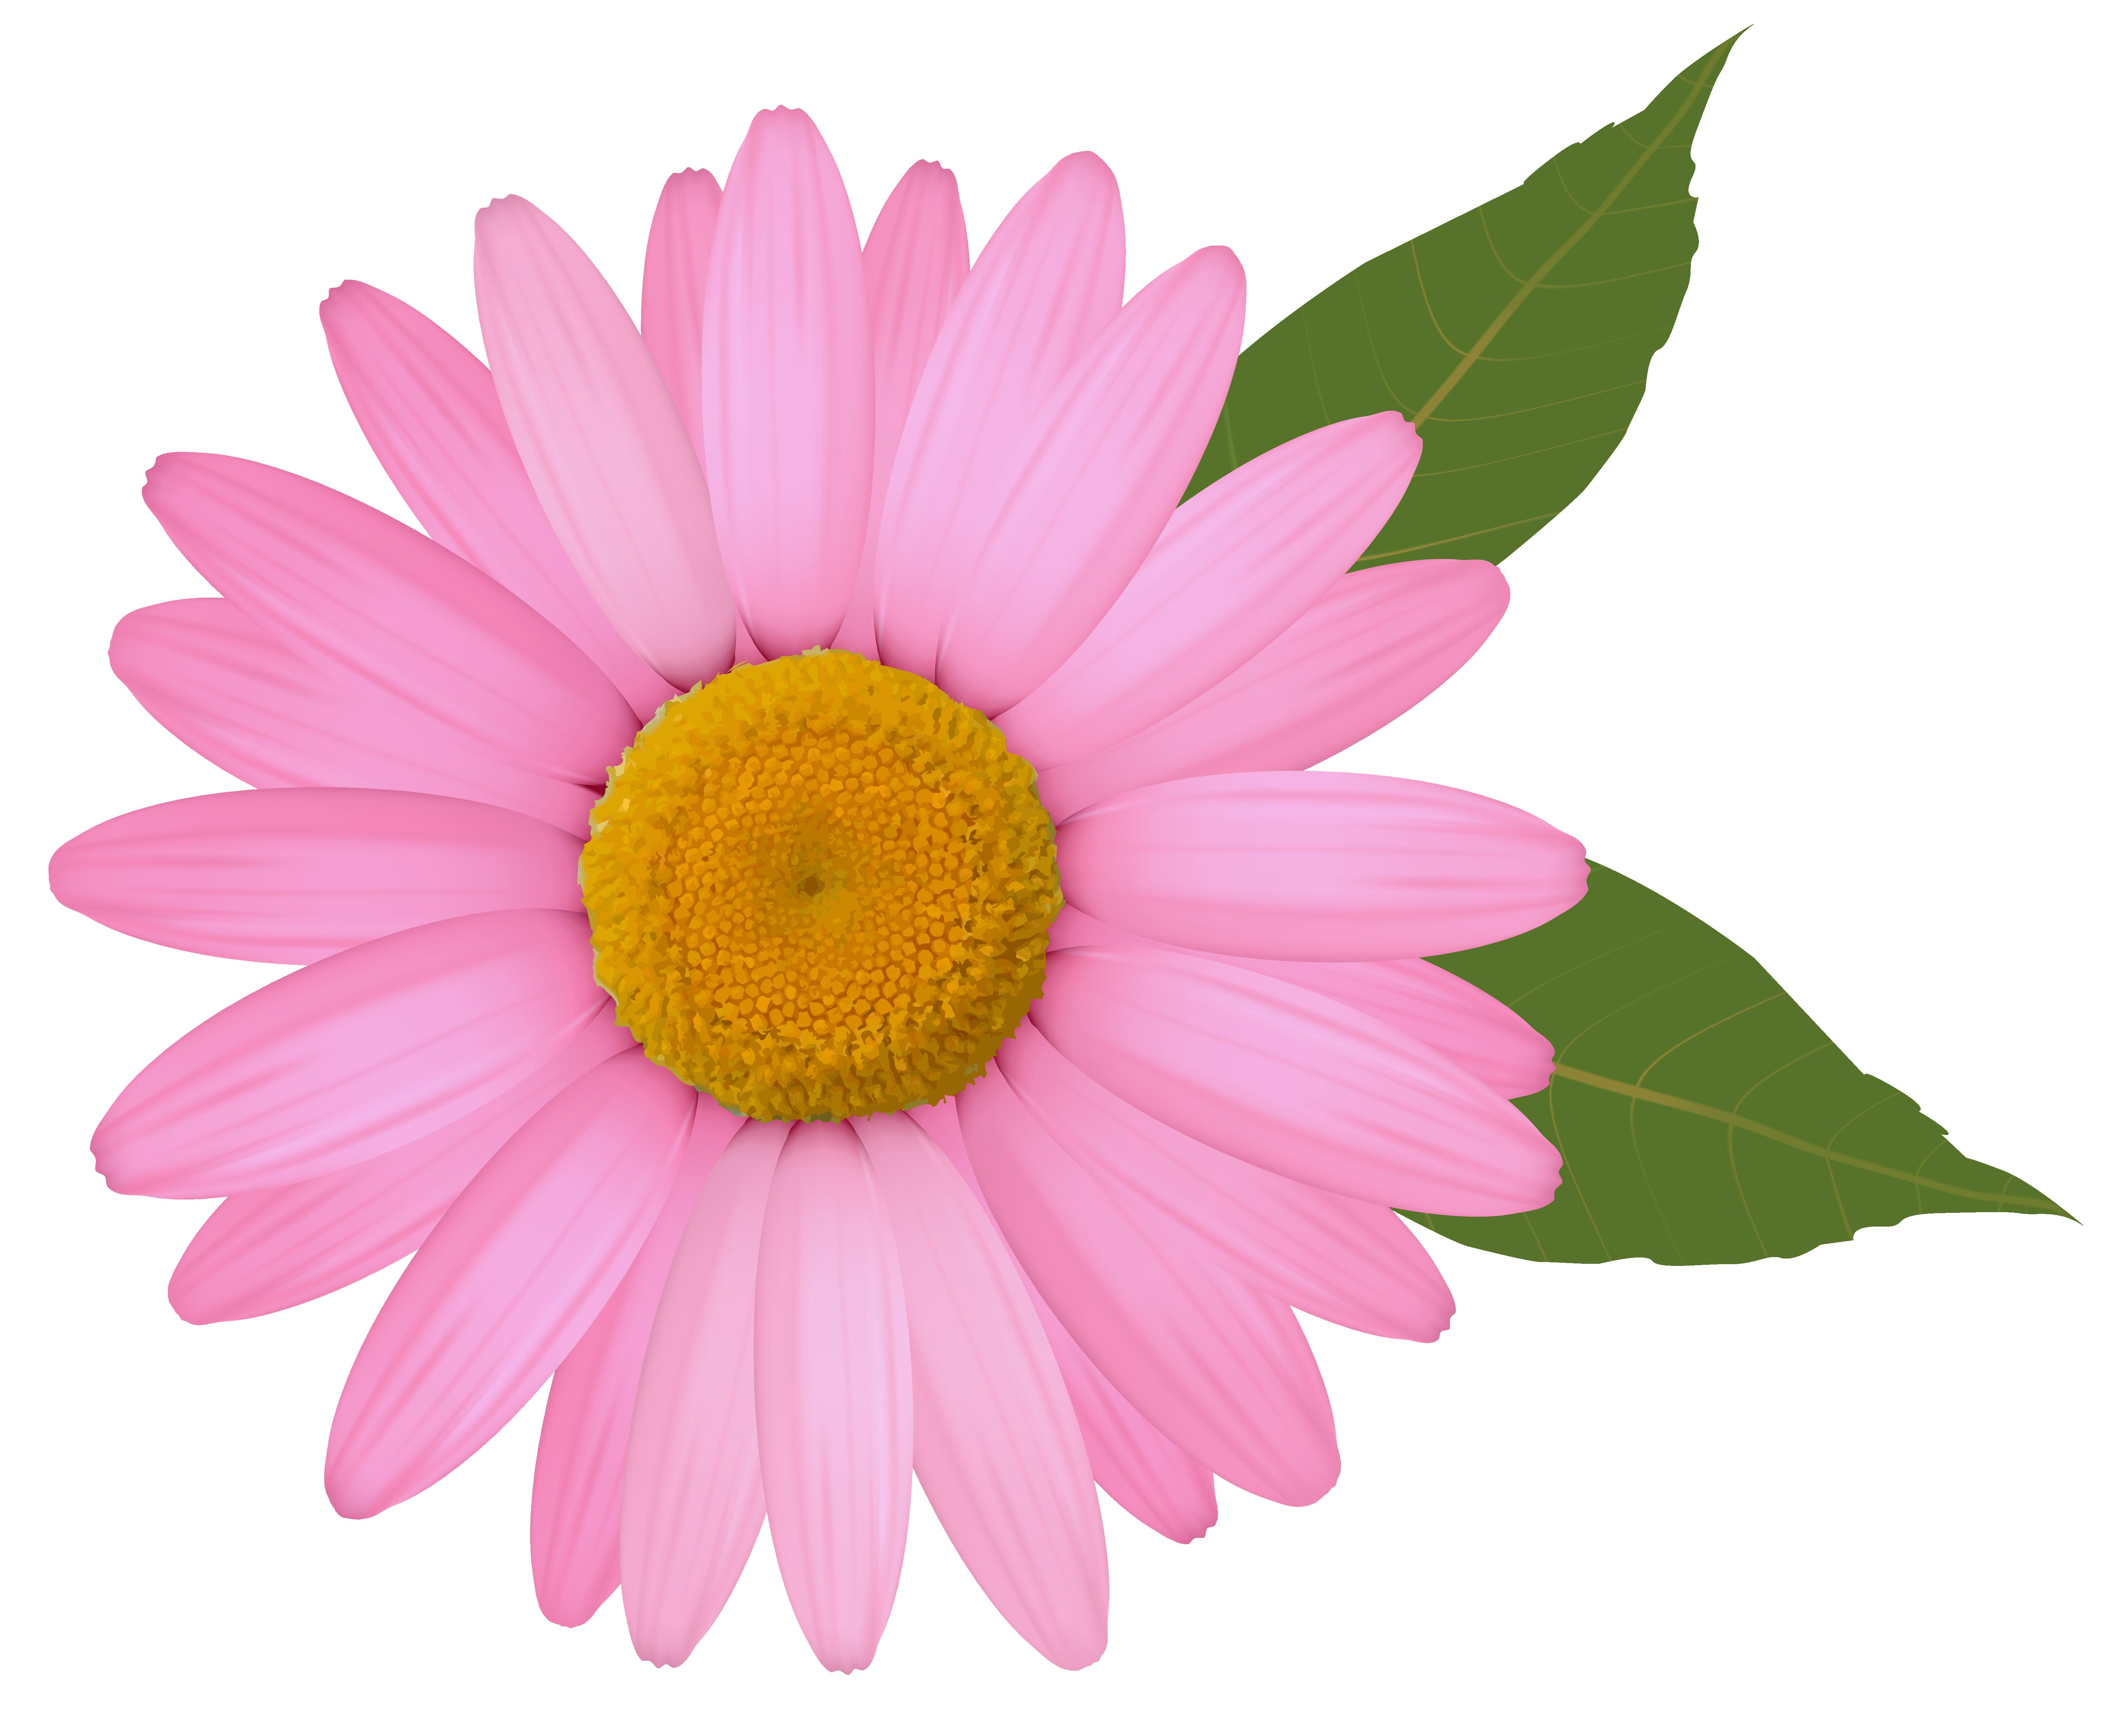 6006x4941 Daisy Clipart Colorful Daisy